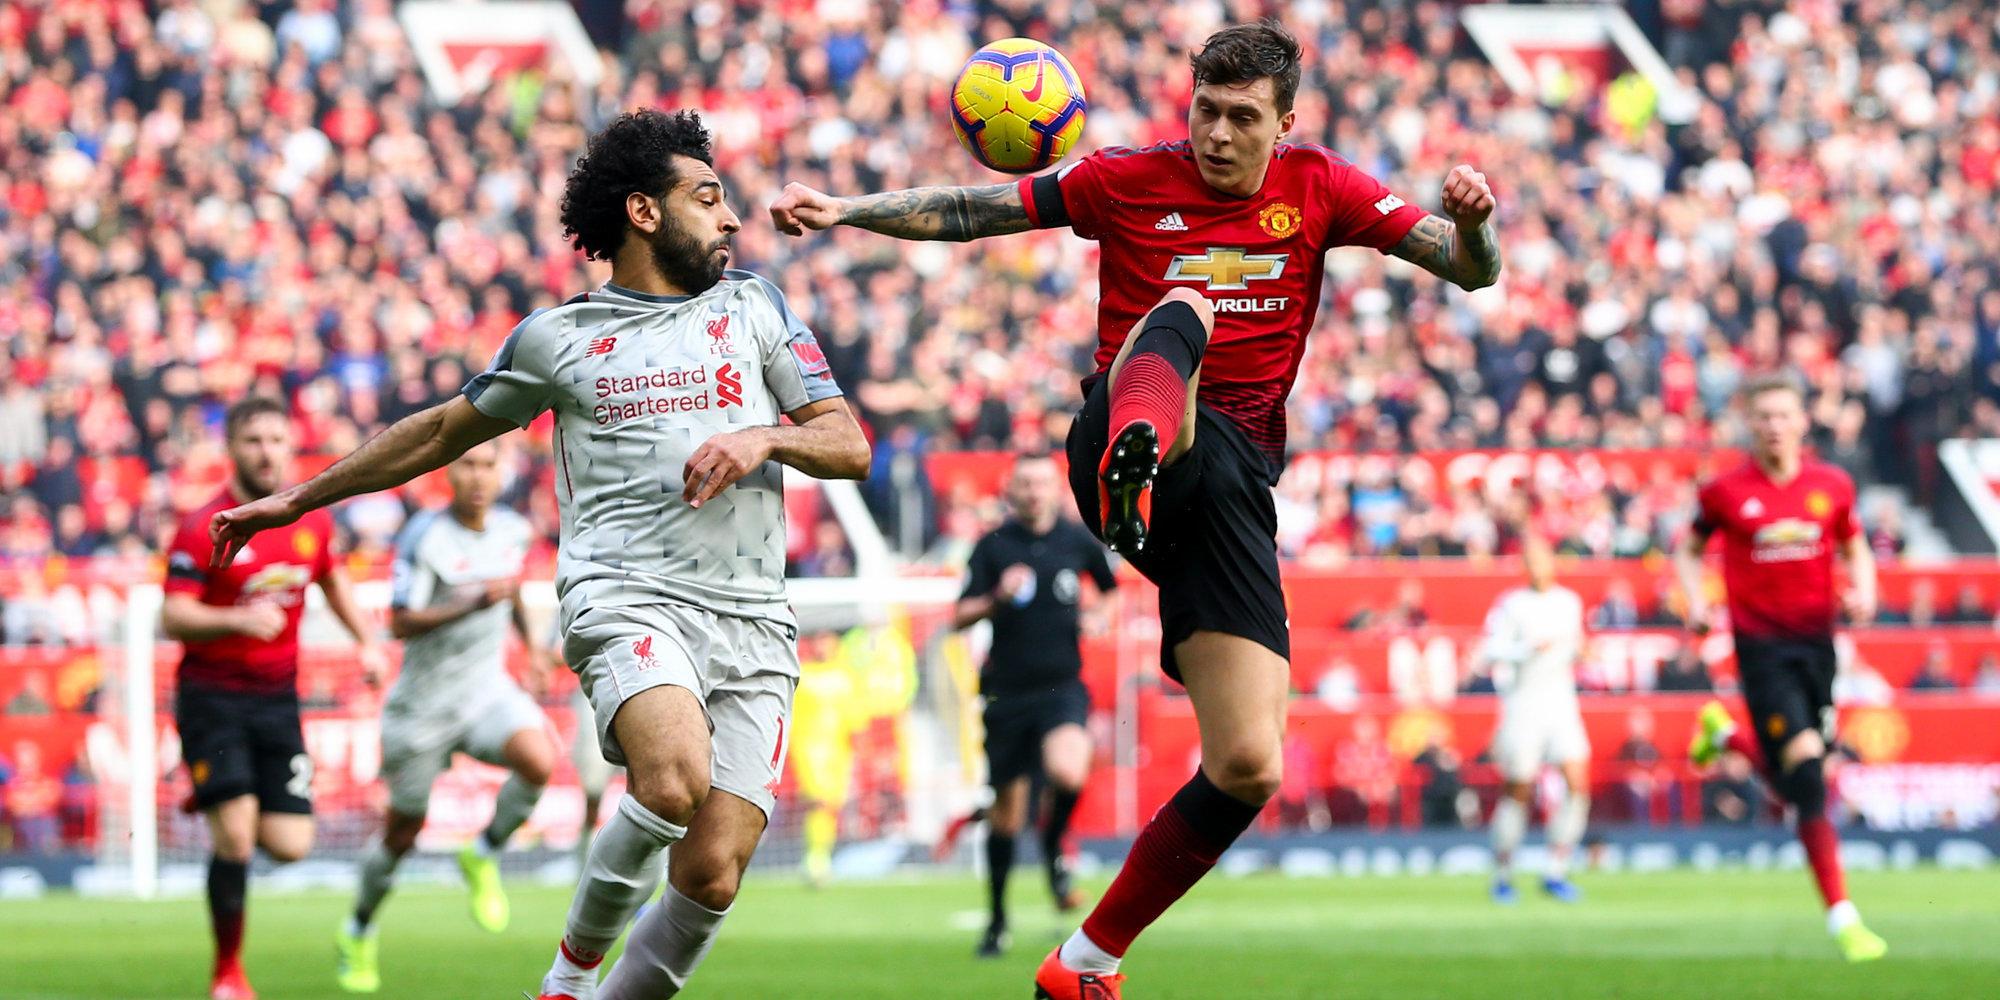 Стала известна дата матча «Манчестер Юнайтед» — «Ливерпуль» в Кубке Англии